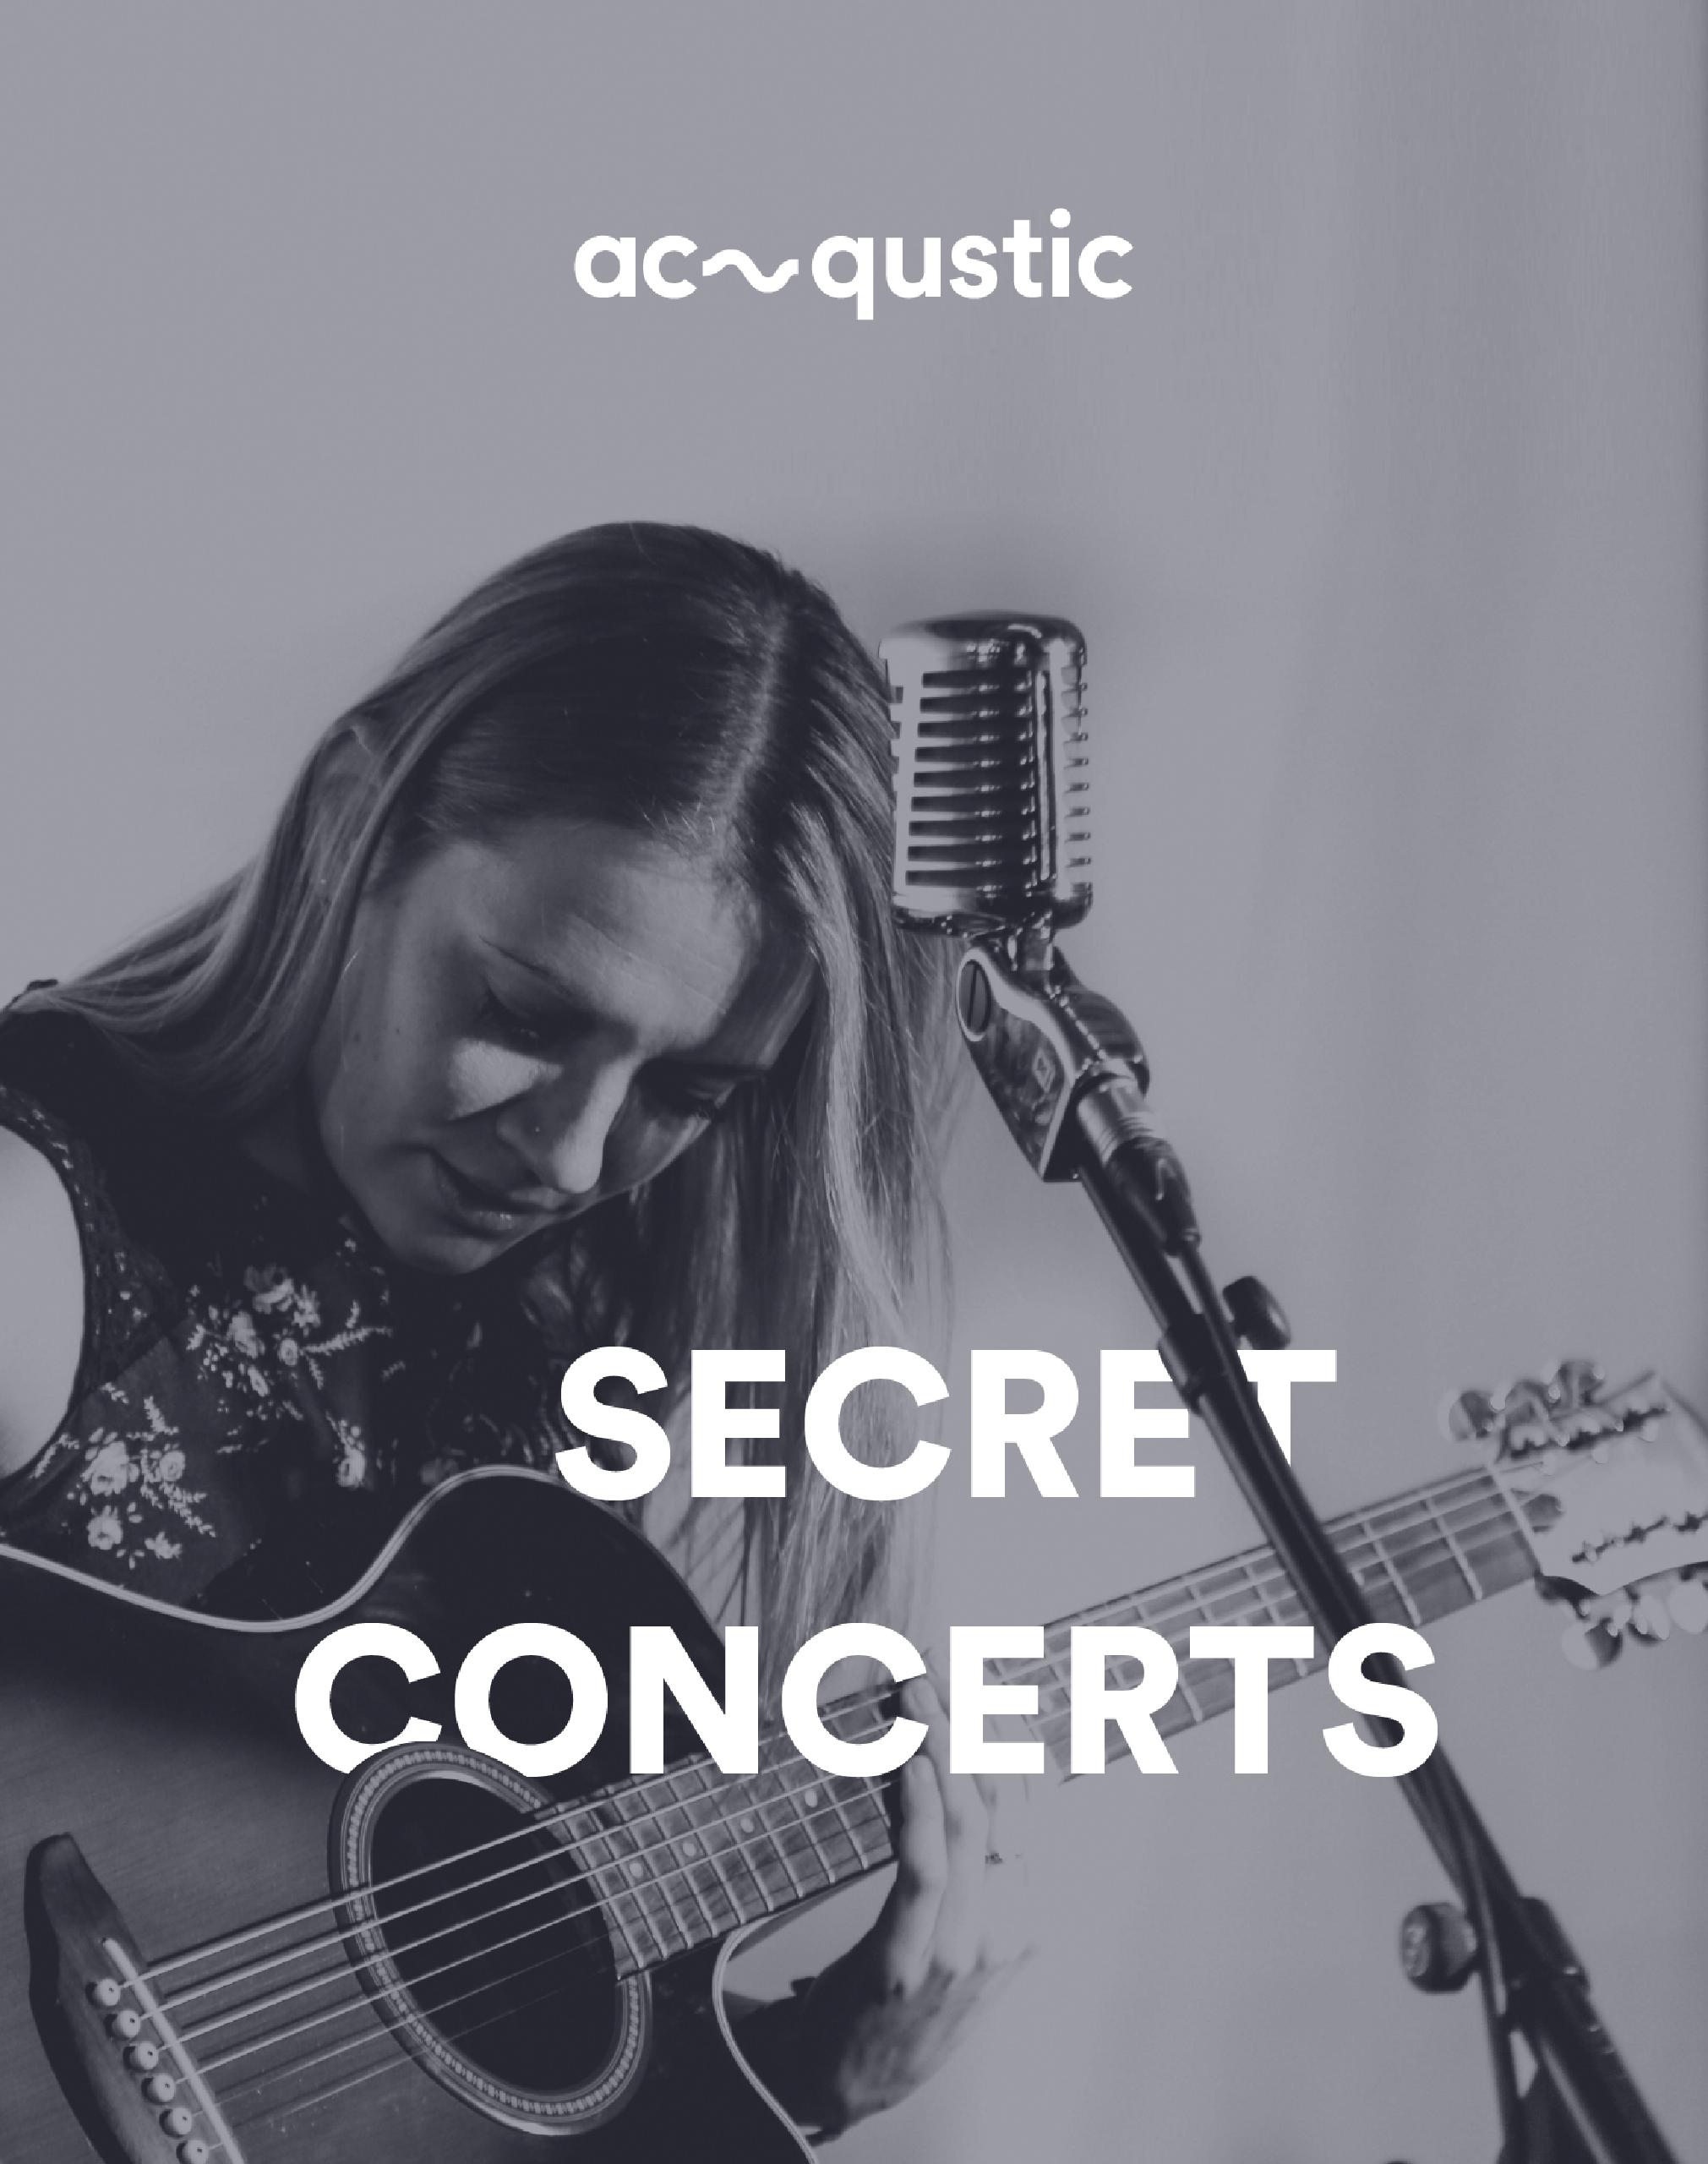 Conciertos secretos by Acqustic